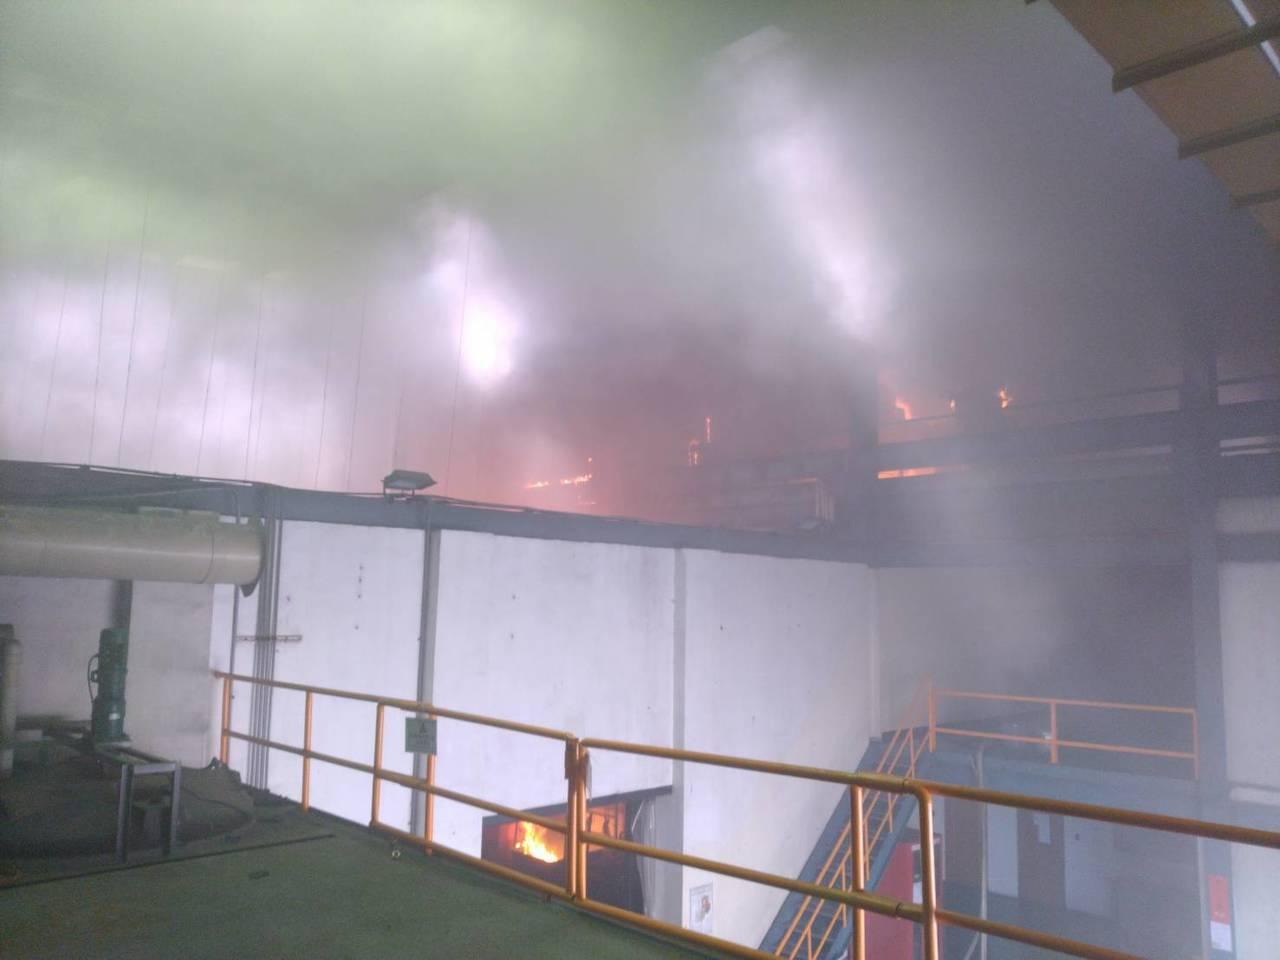 桃園市觀音工業區上市公司佳龍科技工廠今天上午突然起火,大火濃煙竄出衝天,遠處2、...